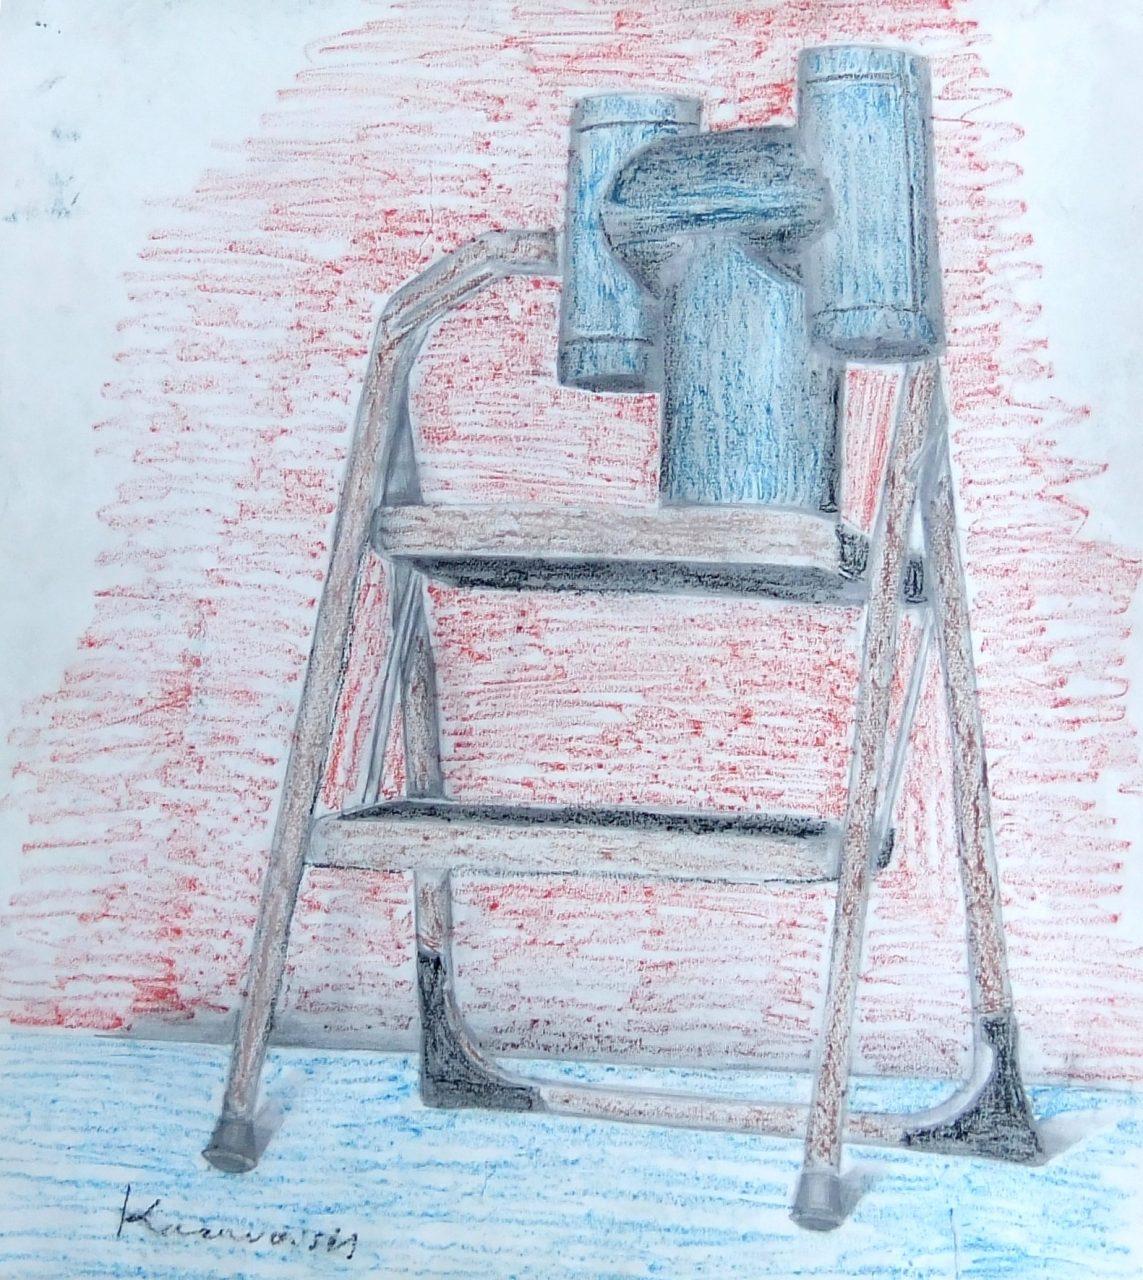 103. ΚΑΡΑΒΟΥΖΗΣ Σαράντης (1932-2011)